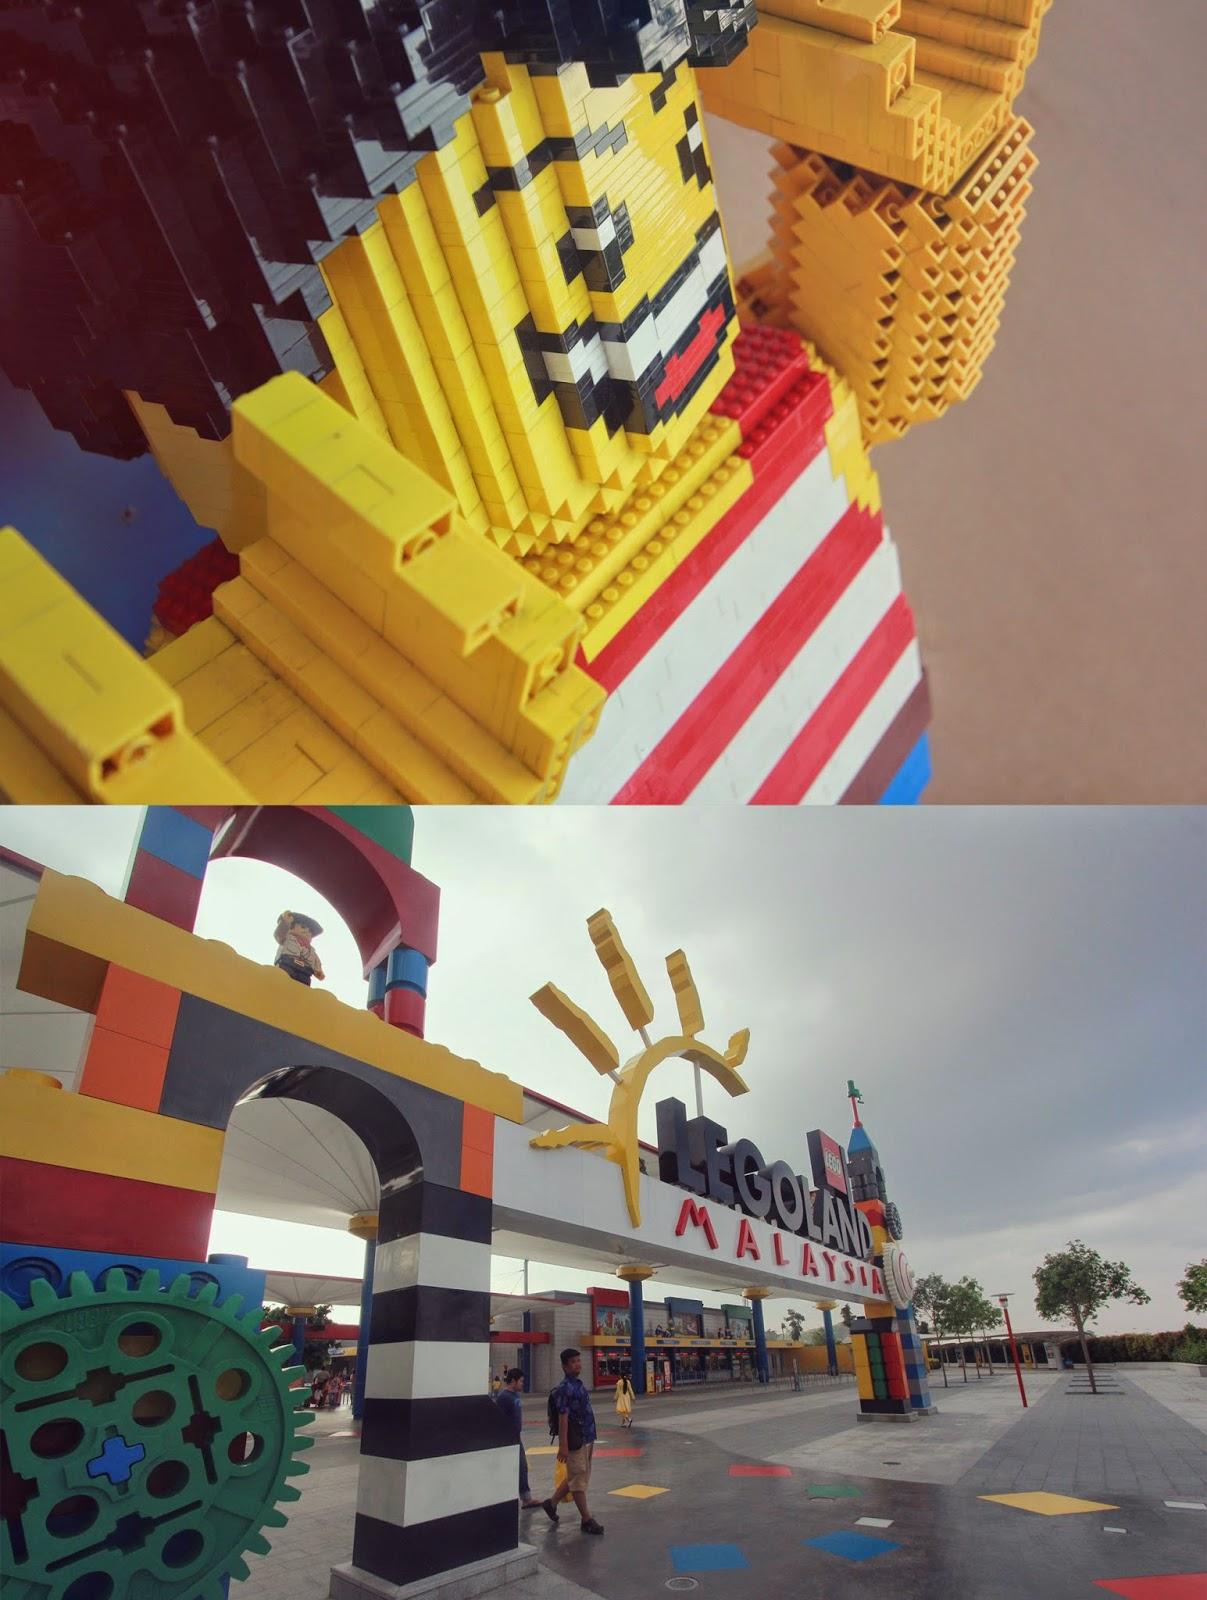 Legoland in Malaysia